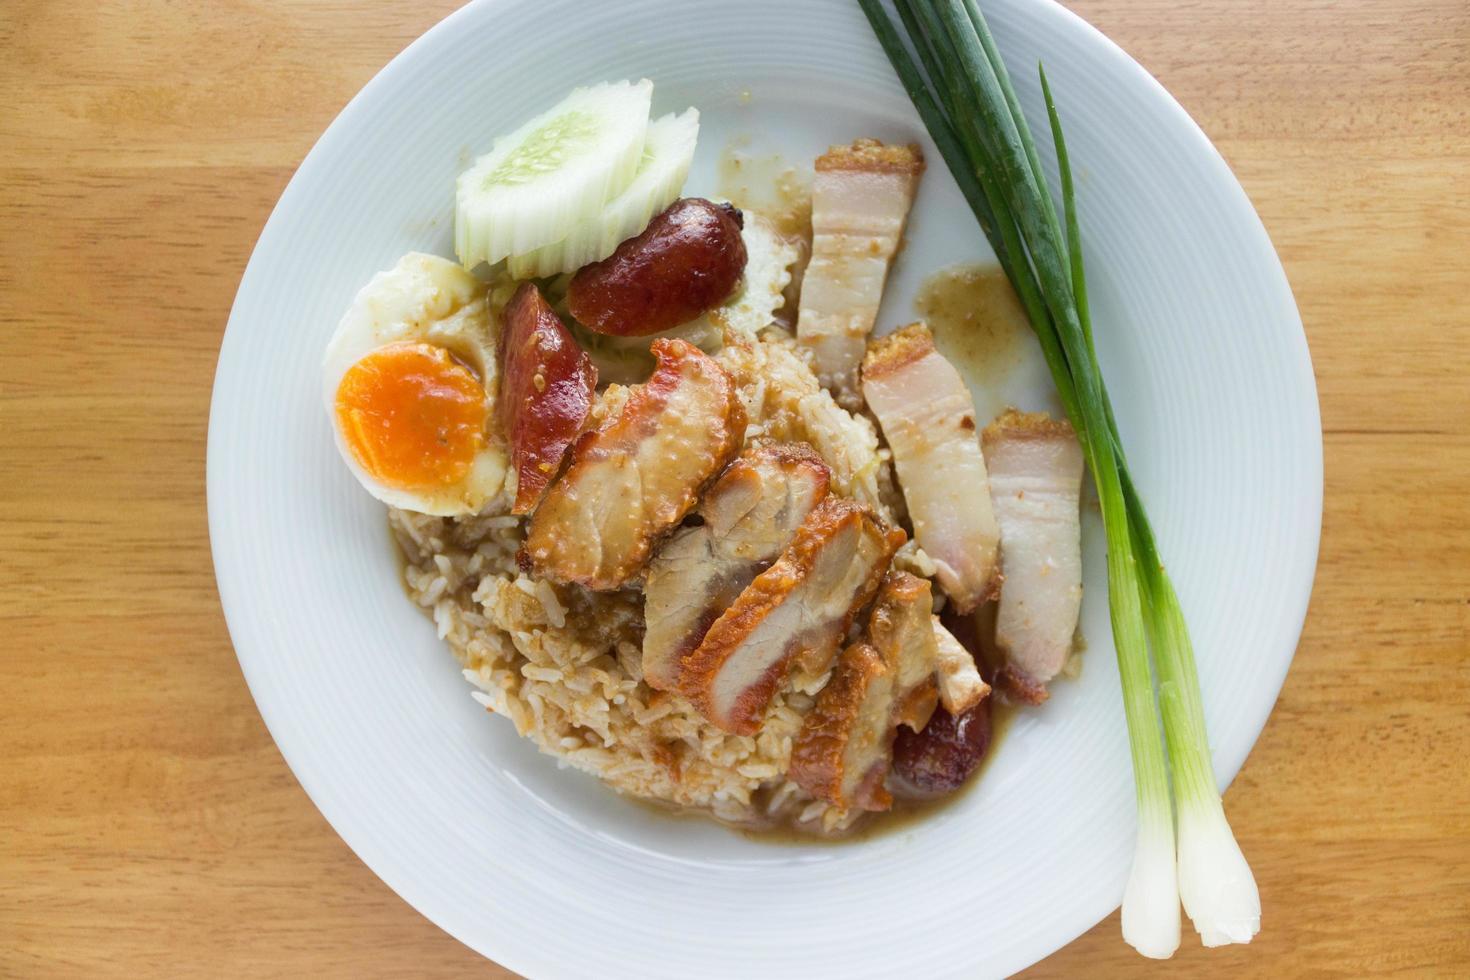 Gegrilltes Schweinefleisch und geschnittenes gekochtes Ei mit Reis und Gemüse auf weißem Teller auf dem Tisch foto